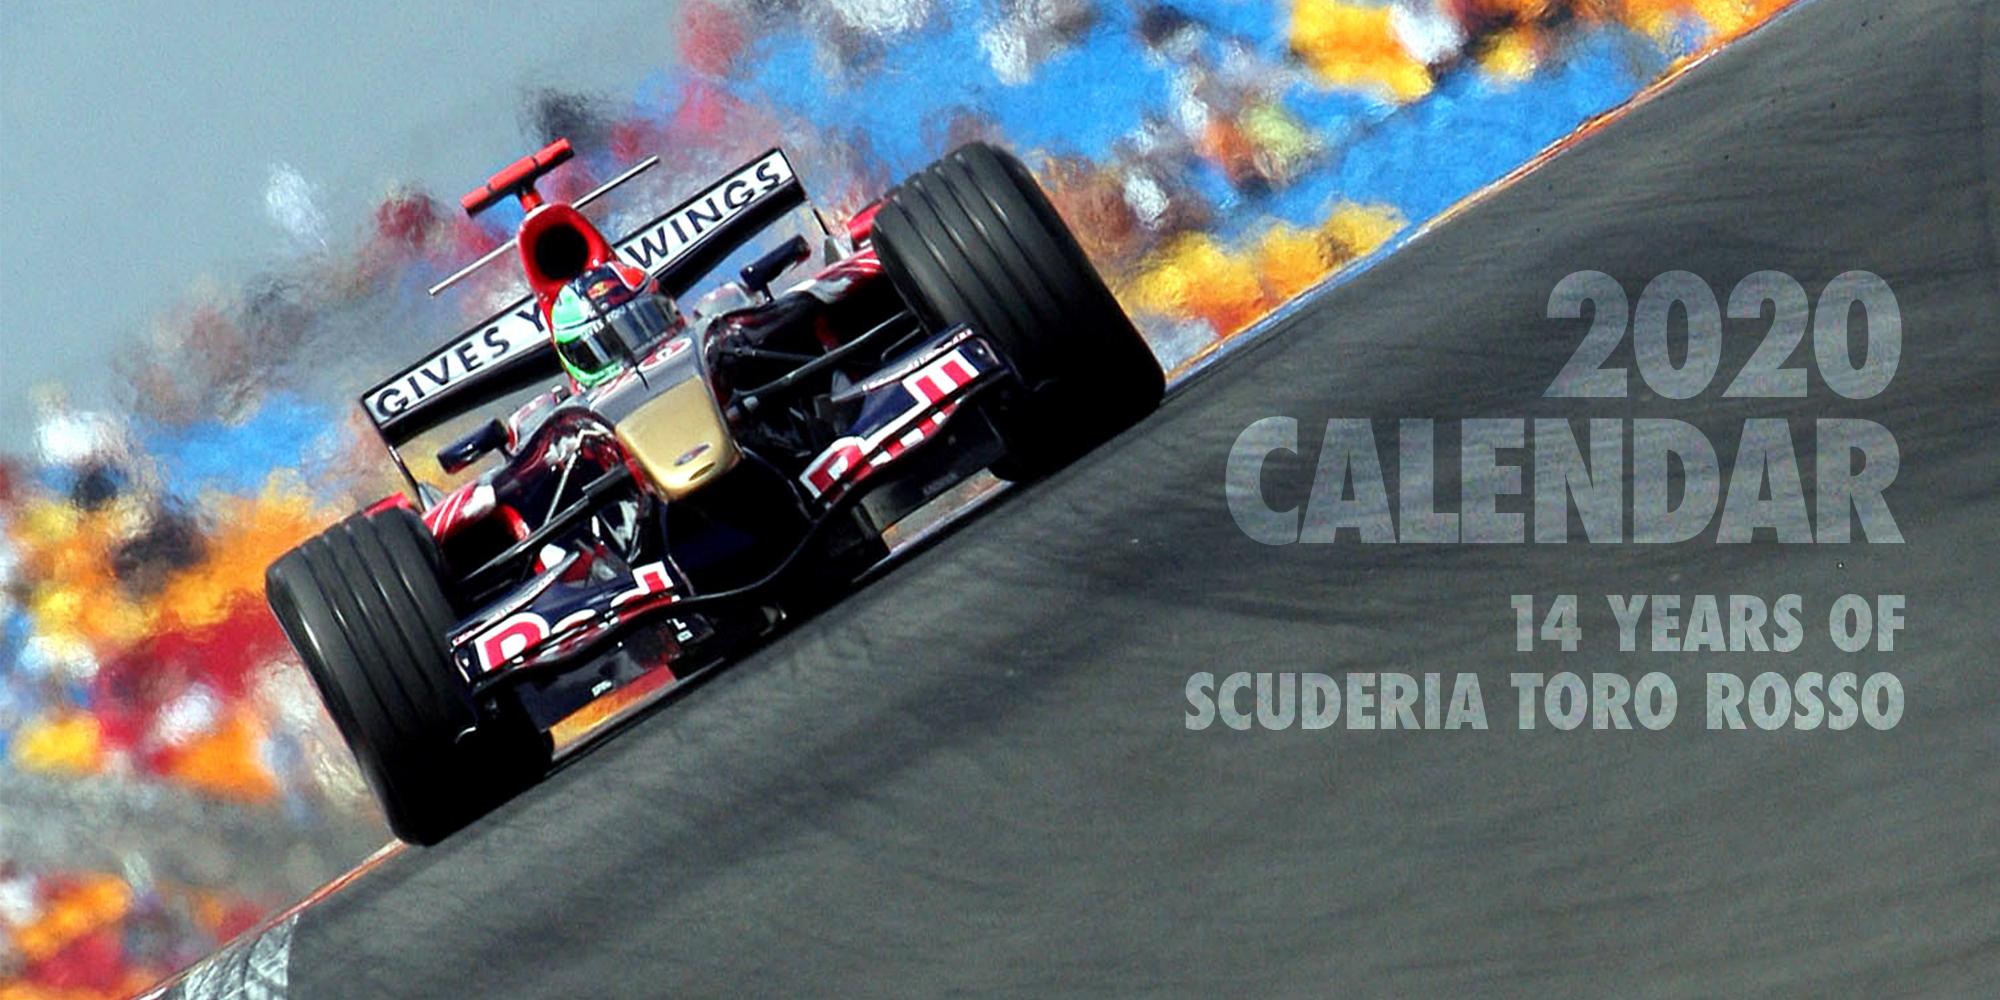 Toro Rosso 2020 Calendar | Scuderia Toro Rosso